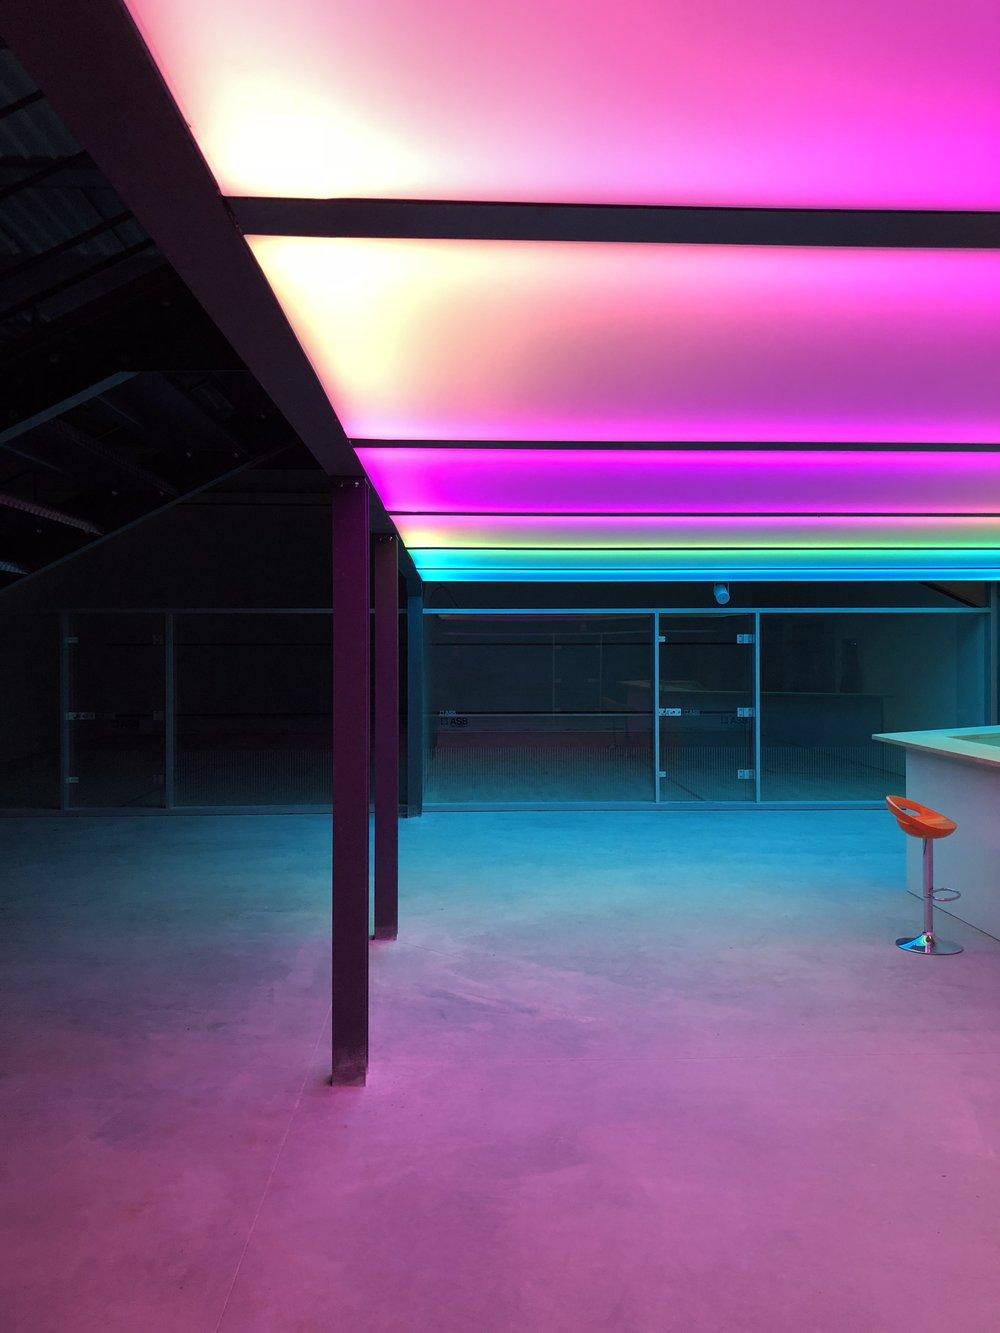 Réglage dynamique des couleurs avant ouverture du complexe M squash